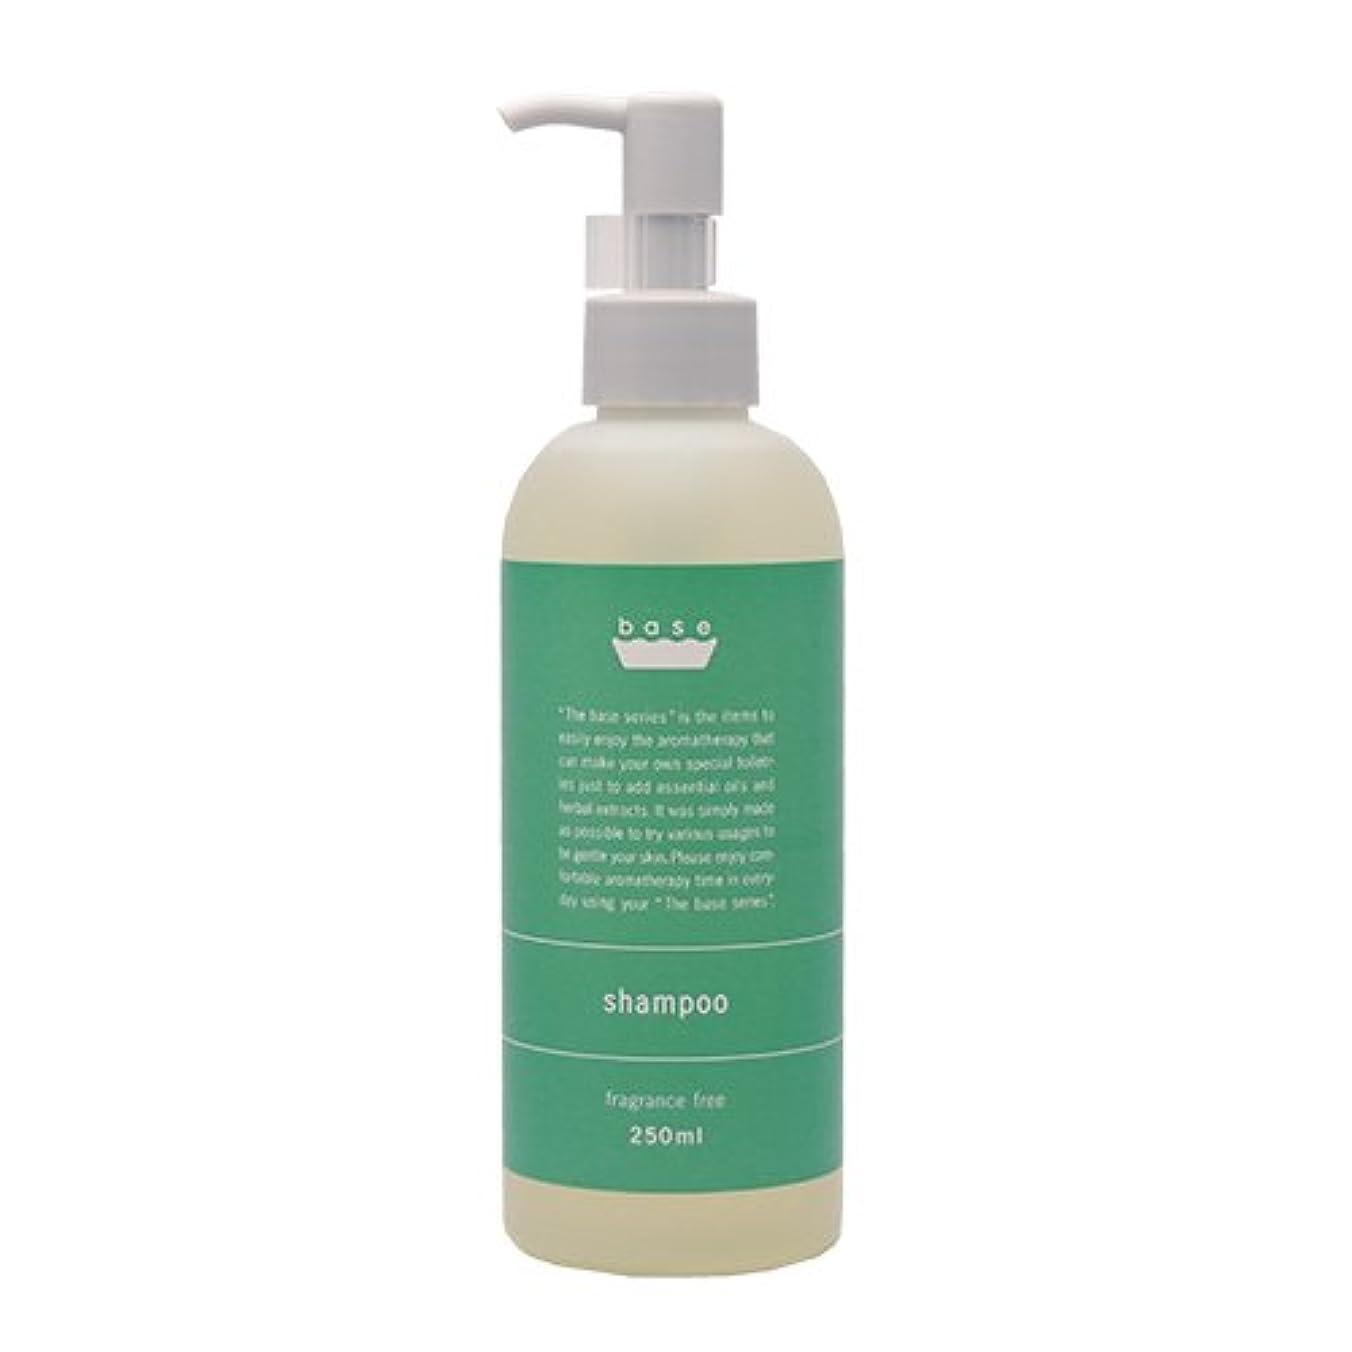 元気な言及する振り返るbase shampoo(ベースシャンプー)250ml